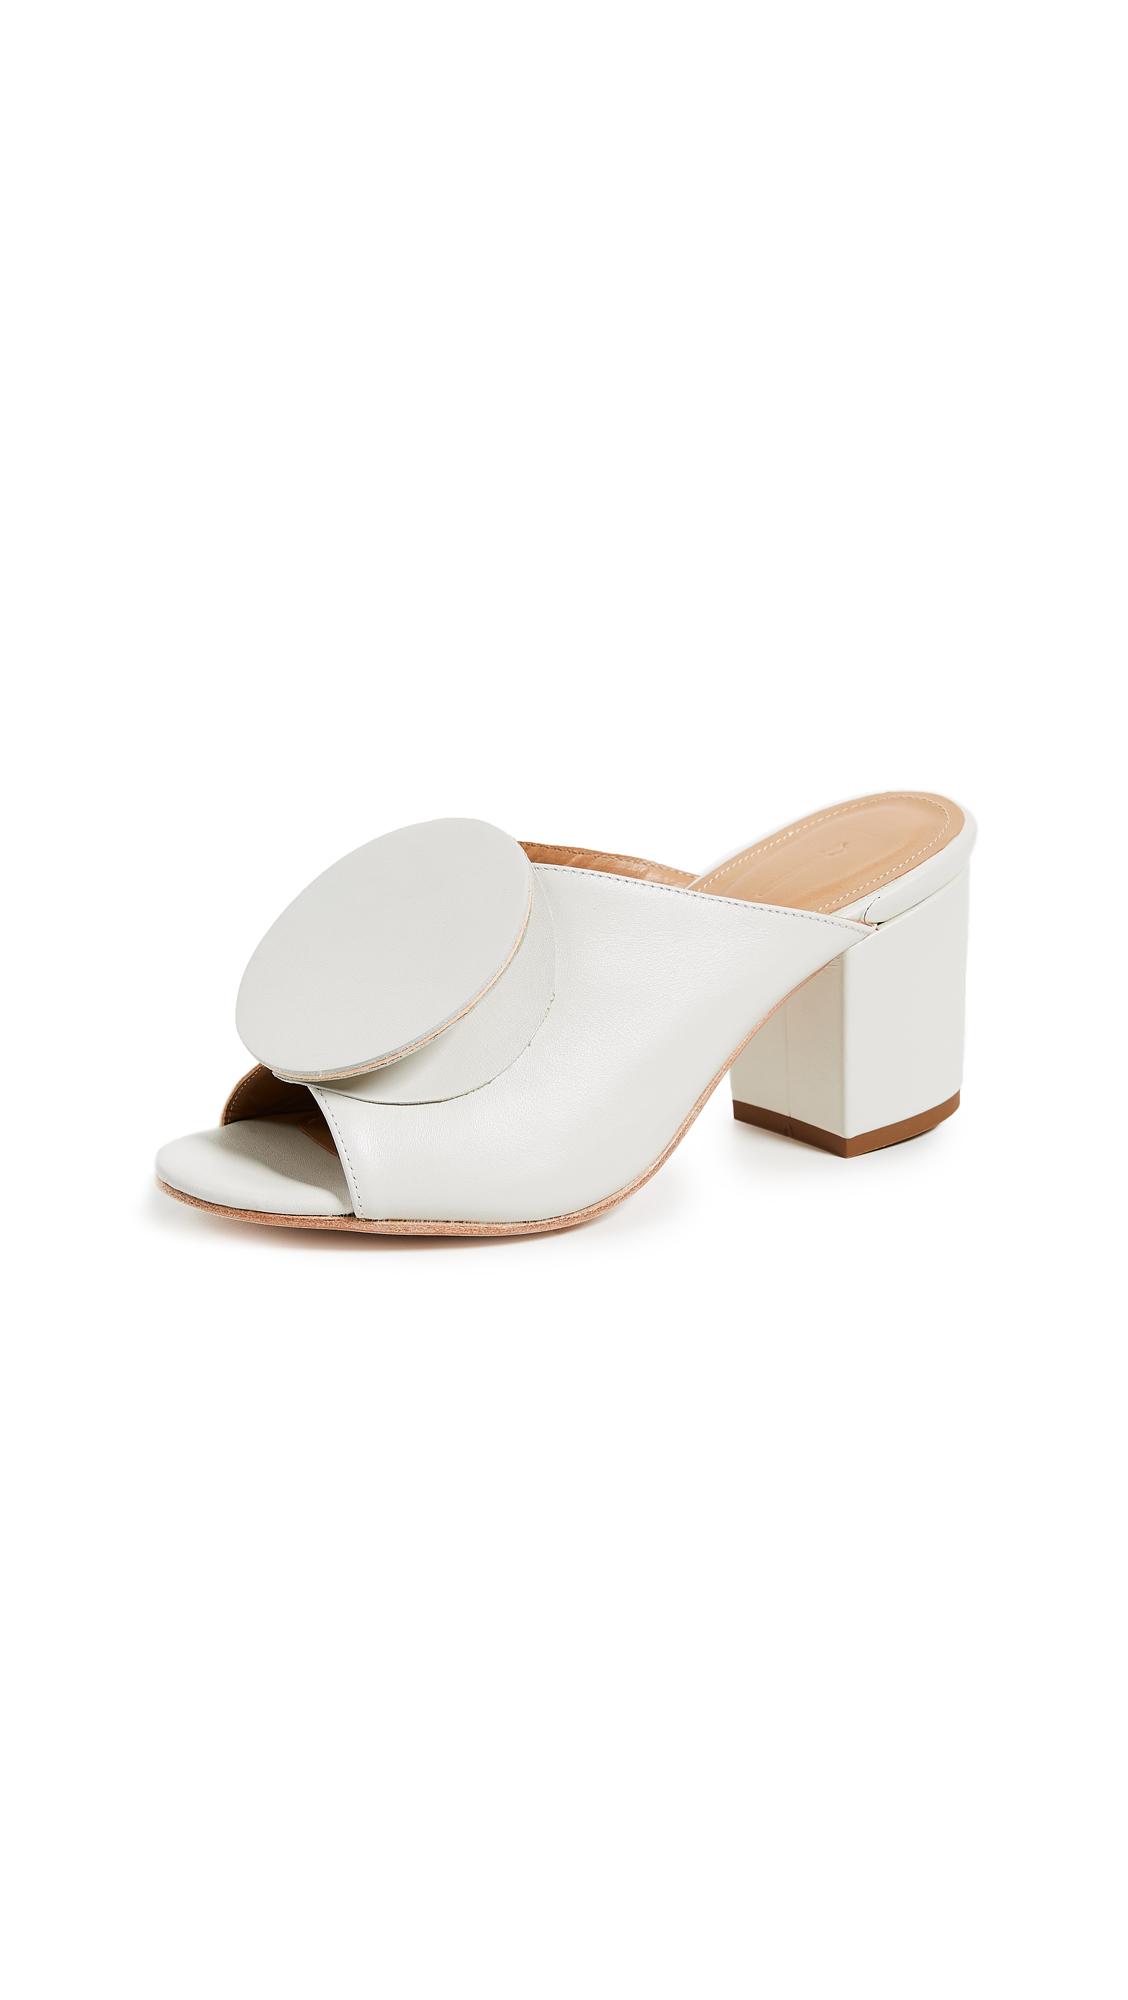 The Palatines Salio Origami Mules - White/White